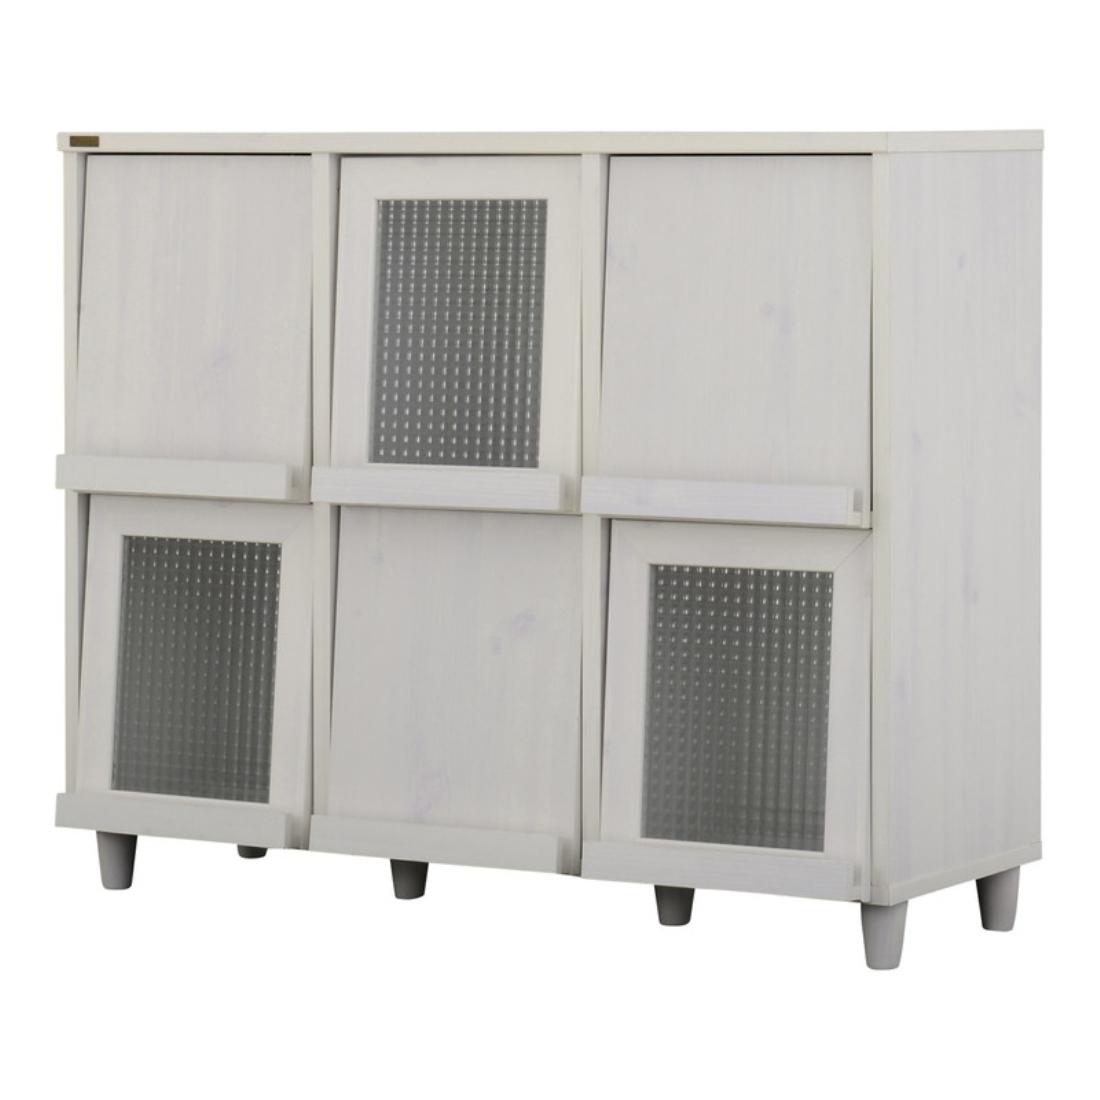 送料無料 オシャレ 家具 飾り 収納 飾り戸棚 NEFLAS(ネフラス)ディスプレイラック(120cm幅)WH/BR オシャレ